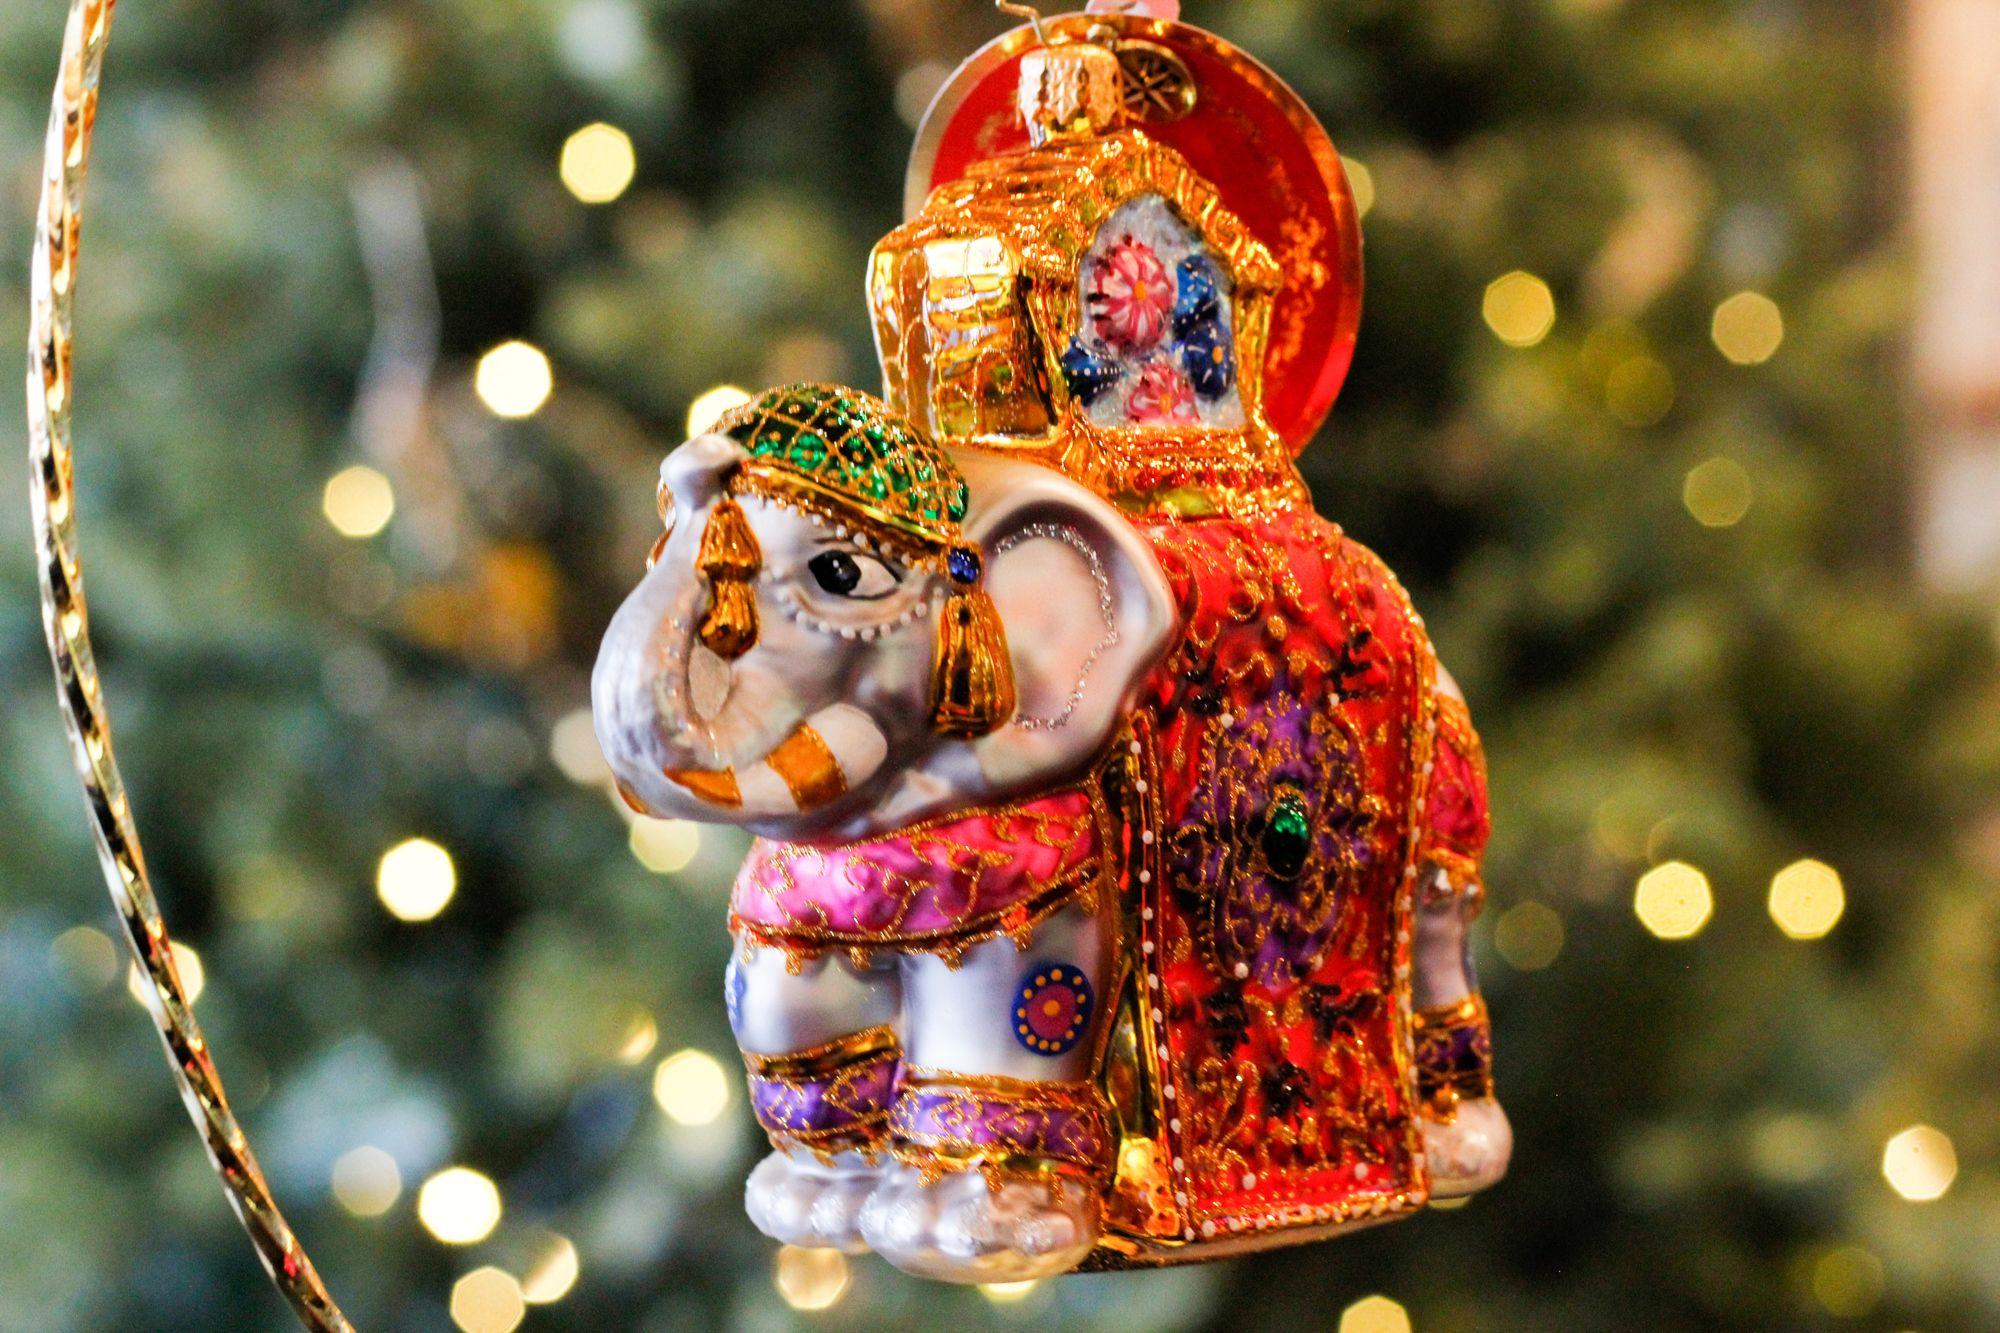 Christopher Radko Elephant Christmas Parade Ornament Christopher Radko Ornaments Radko Christmas Ornaments Christmas Parade